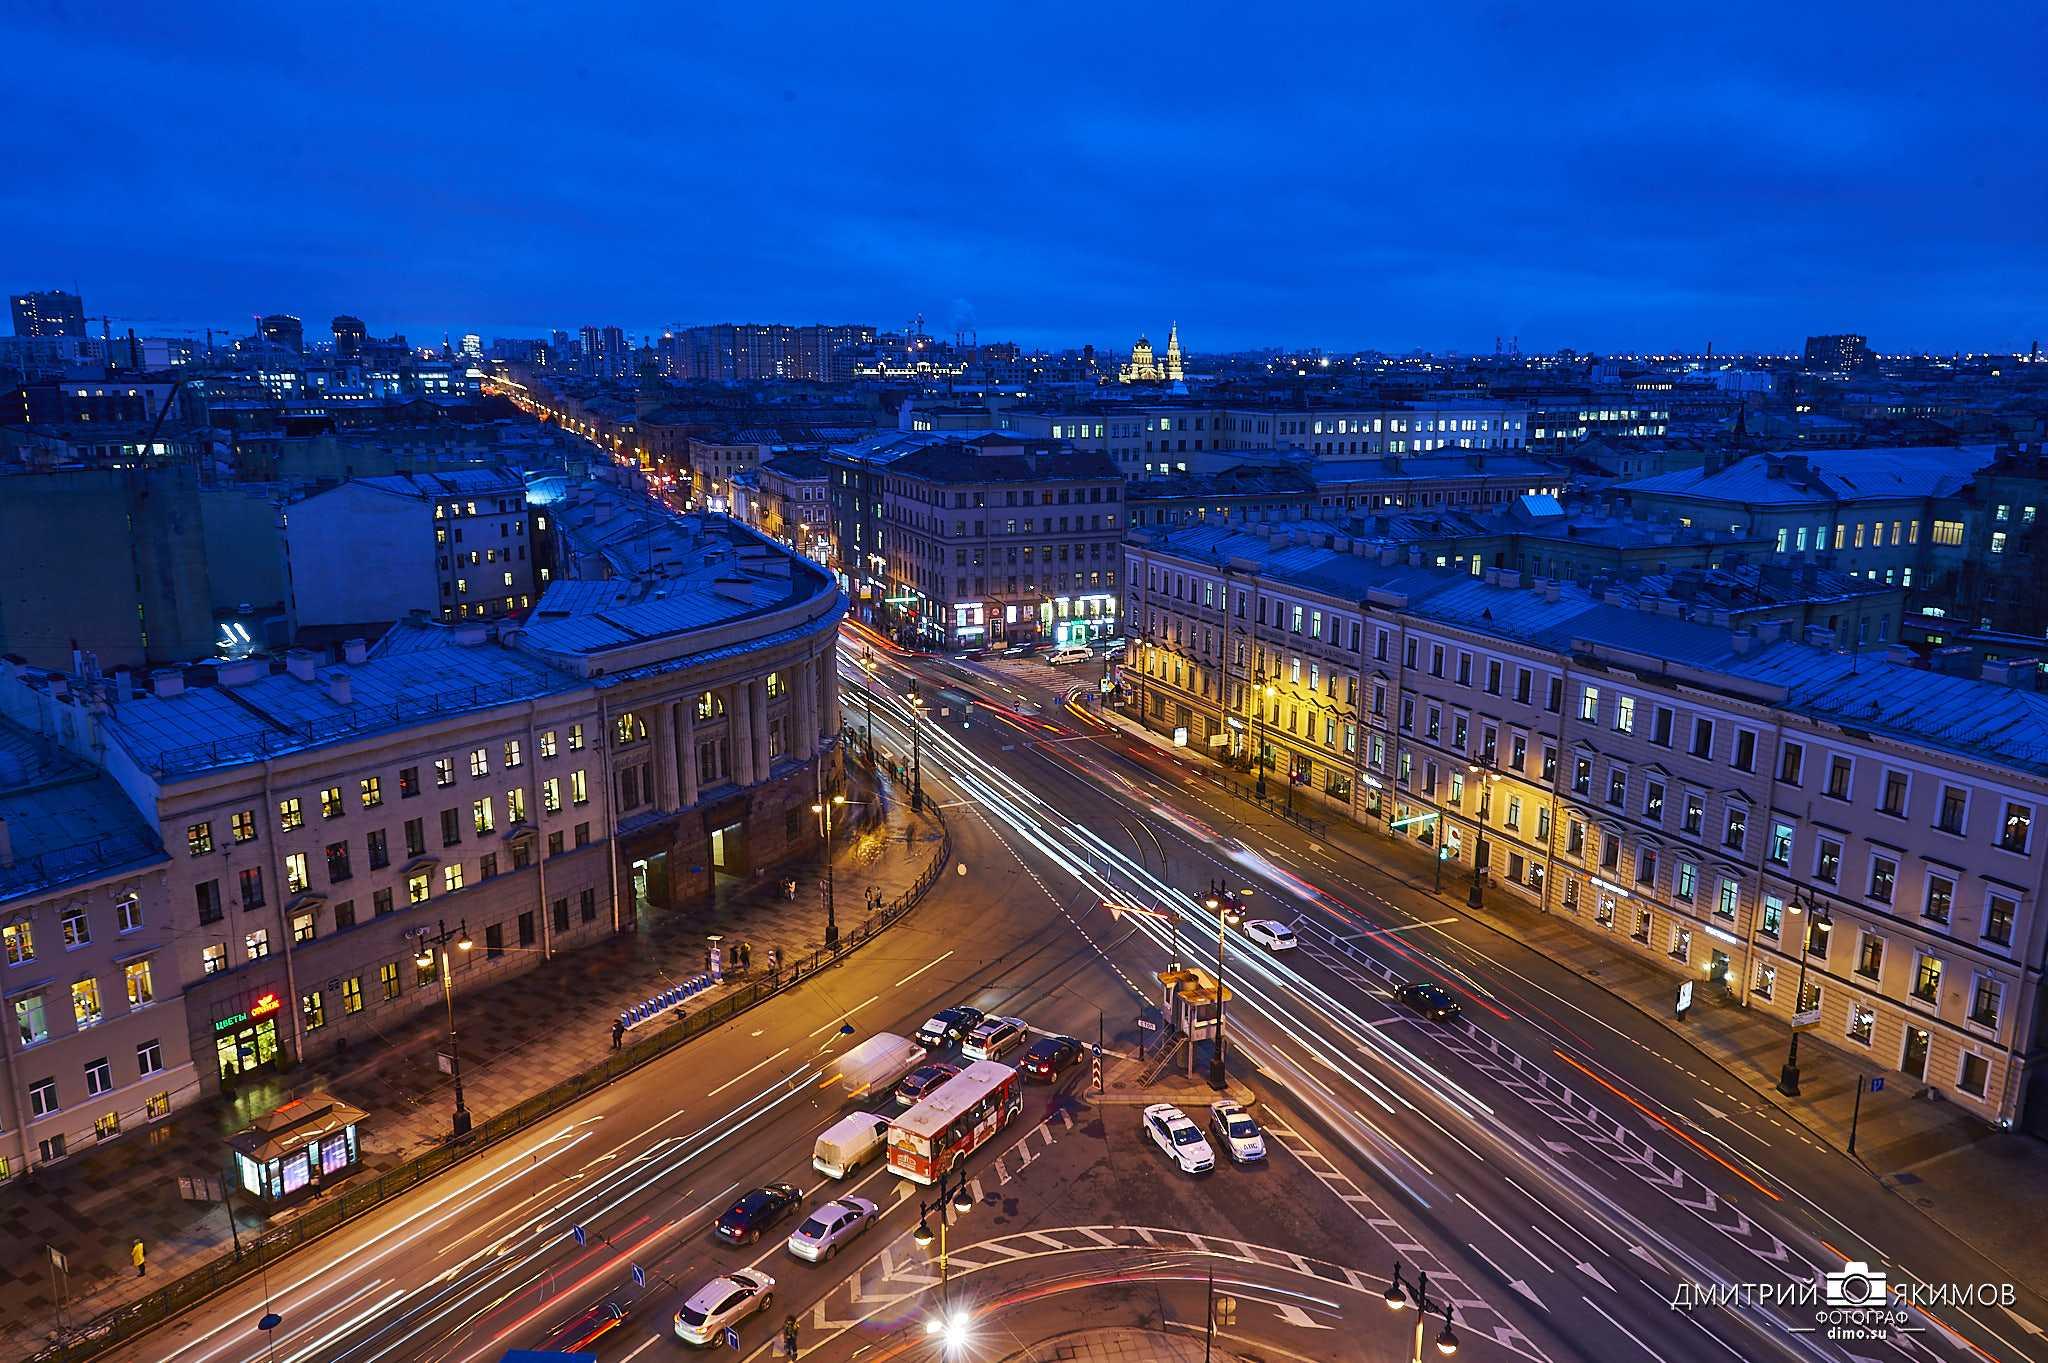 Вечерний Московский проспект, Технологический институт и Технологическая площадь